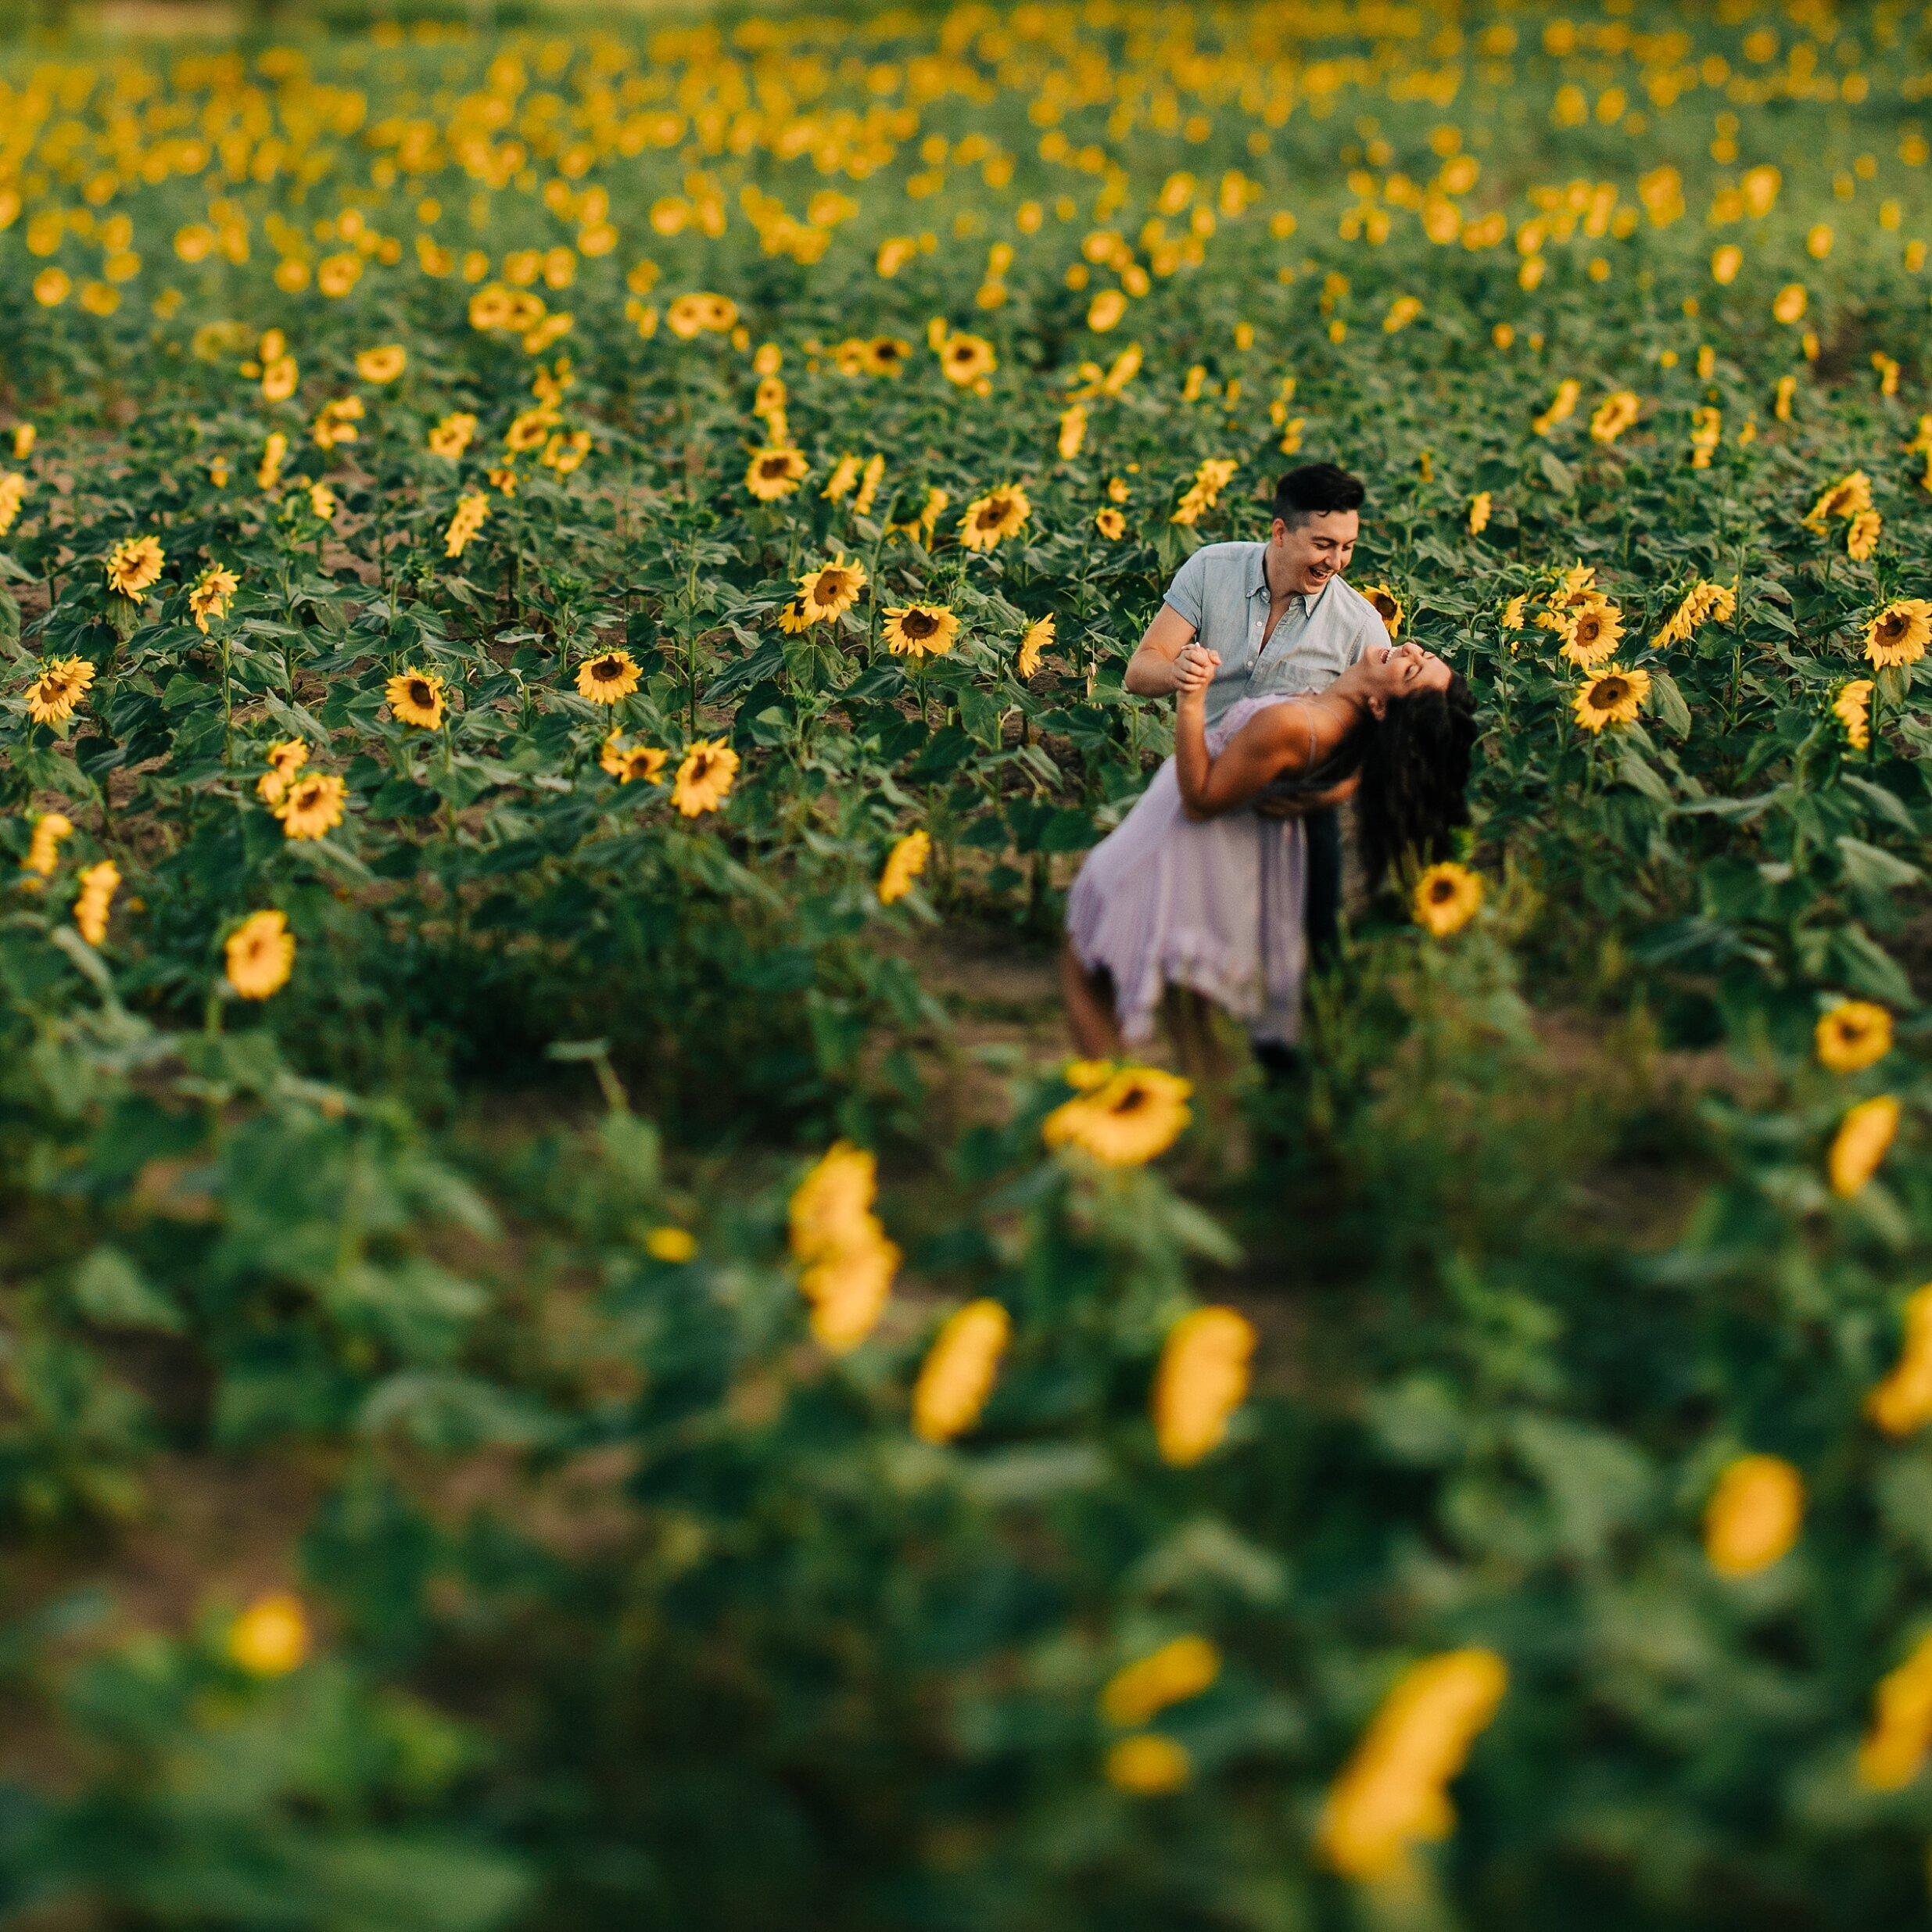 sunflower-field-engagement-session-nj_0008.jpg